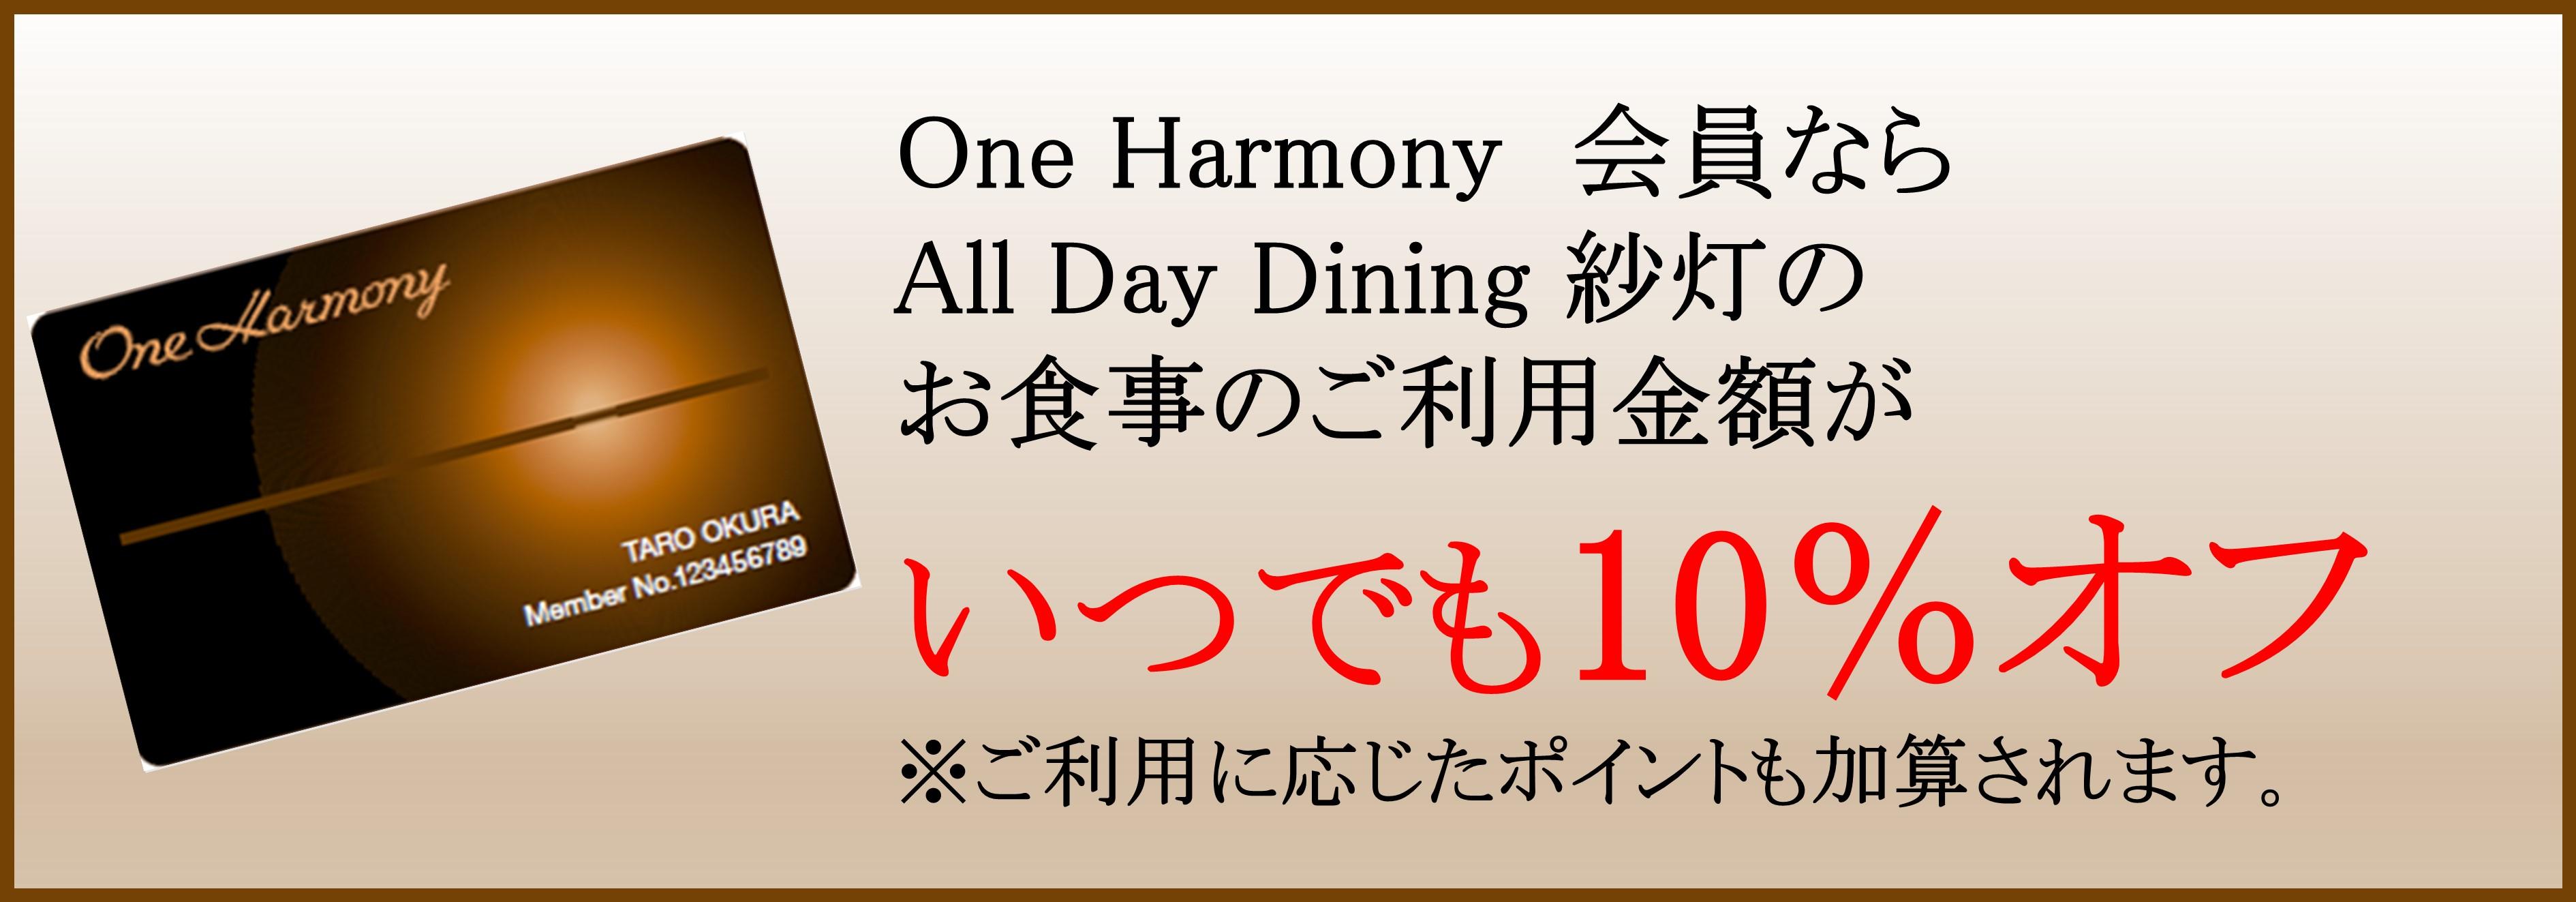 One Harmony2